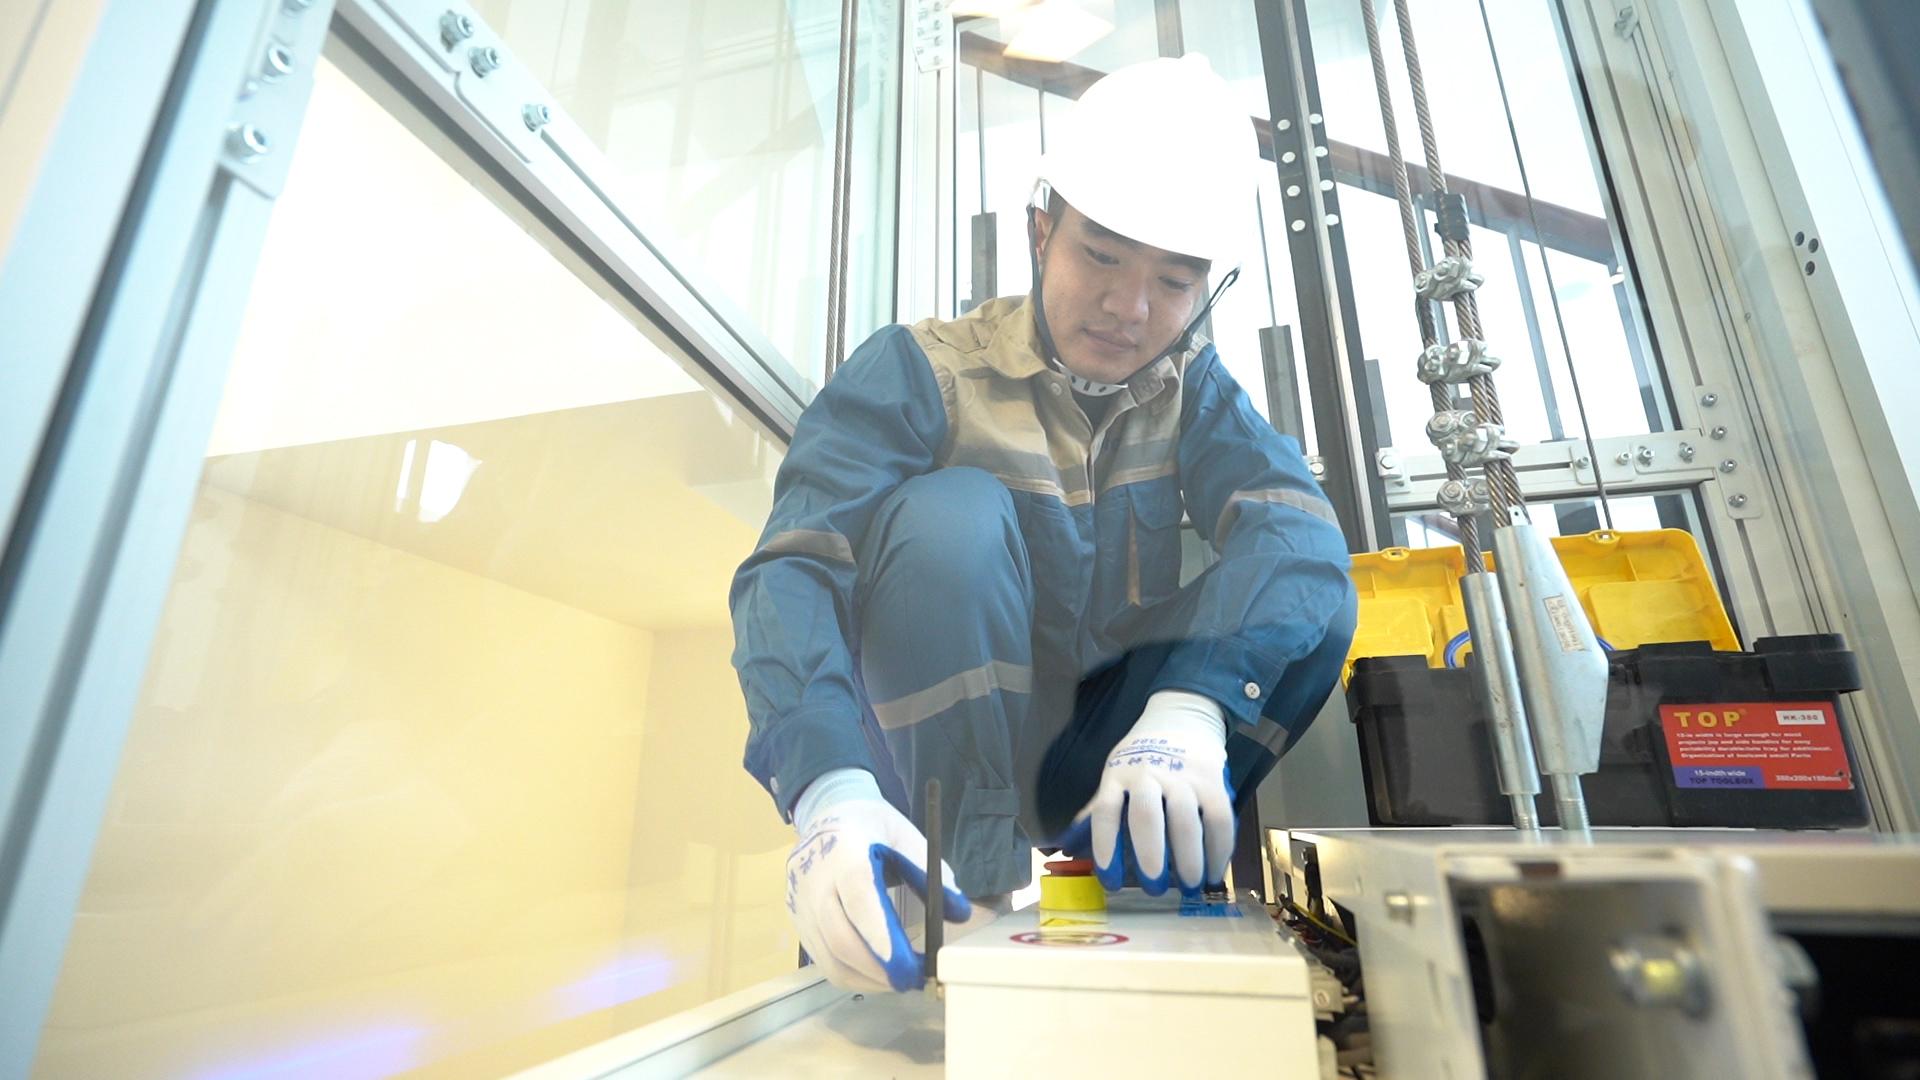 Quy trình sửa chữa thang máy chuyên nghiệp của Piconorm